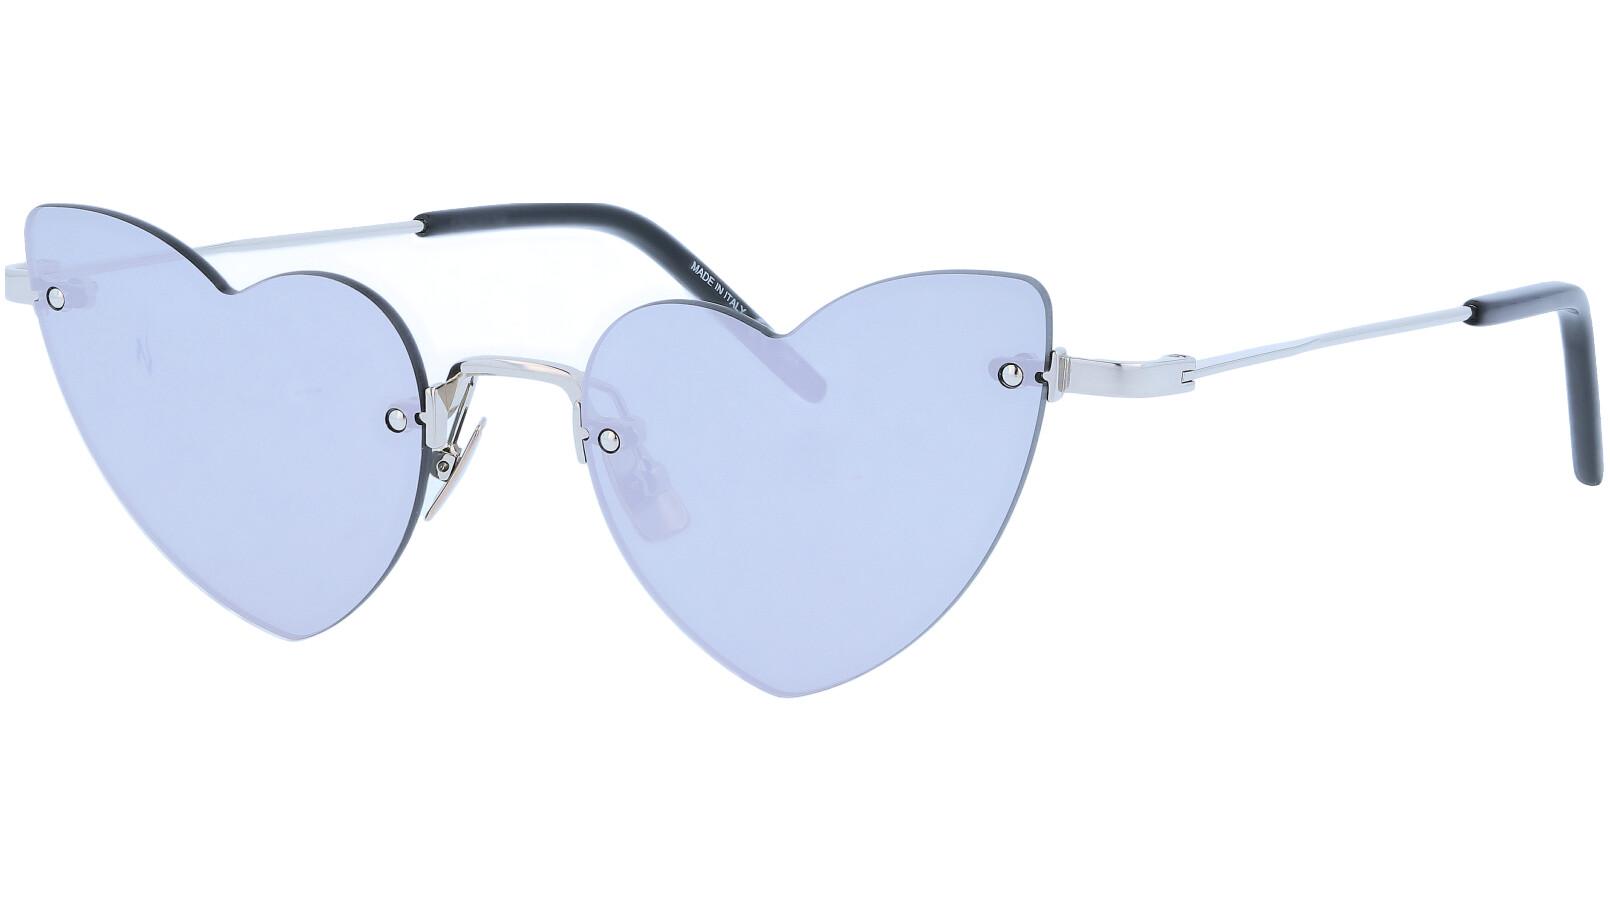 Saint Laurent SL254 LOULOU 002 50 Silver Sunglasses